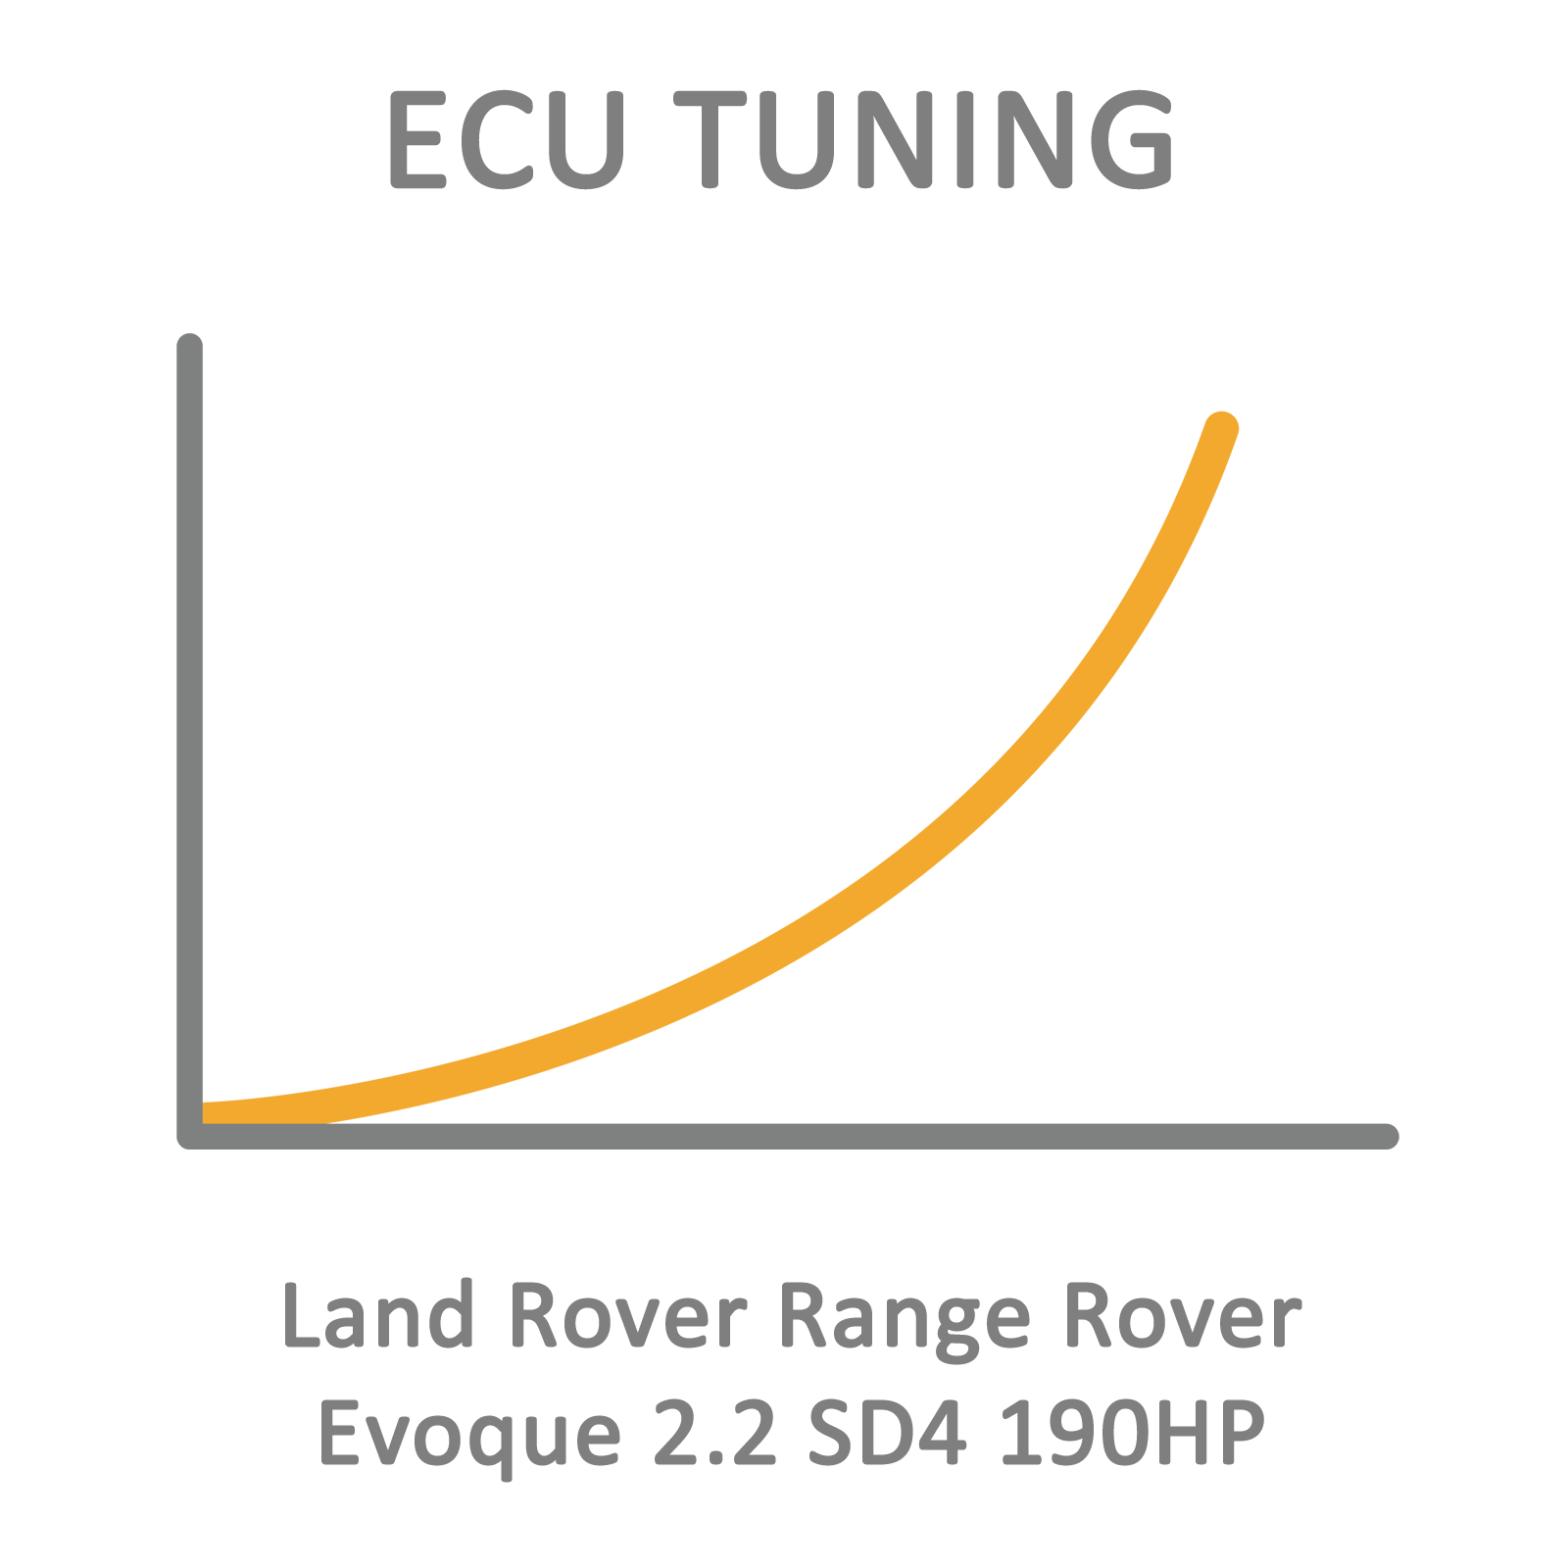 Land Rover Range Rover Evoque 2.2 SD4 190HP ECU Tuning